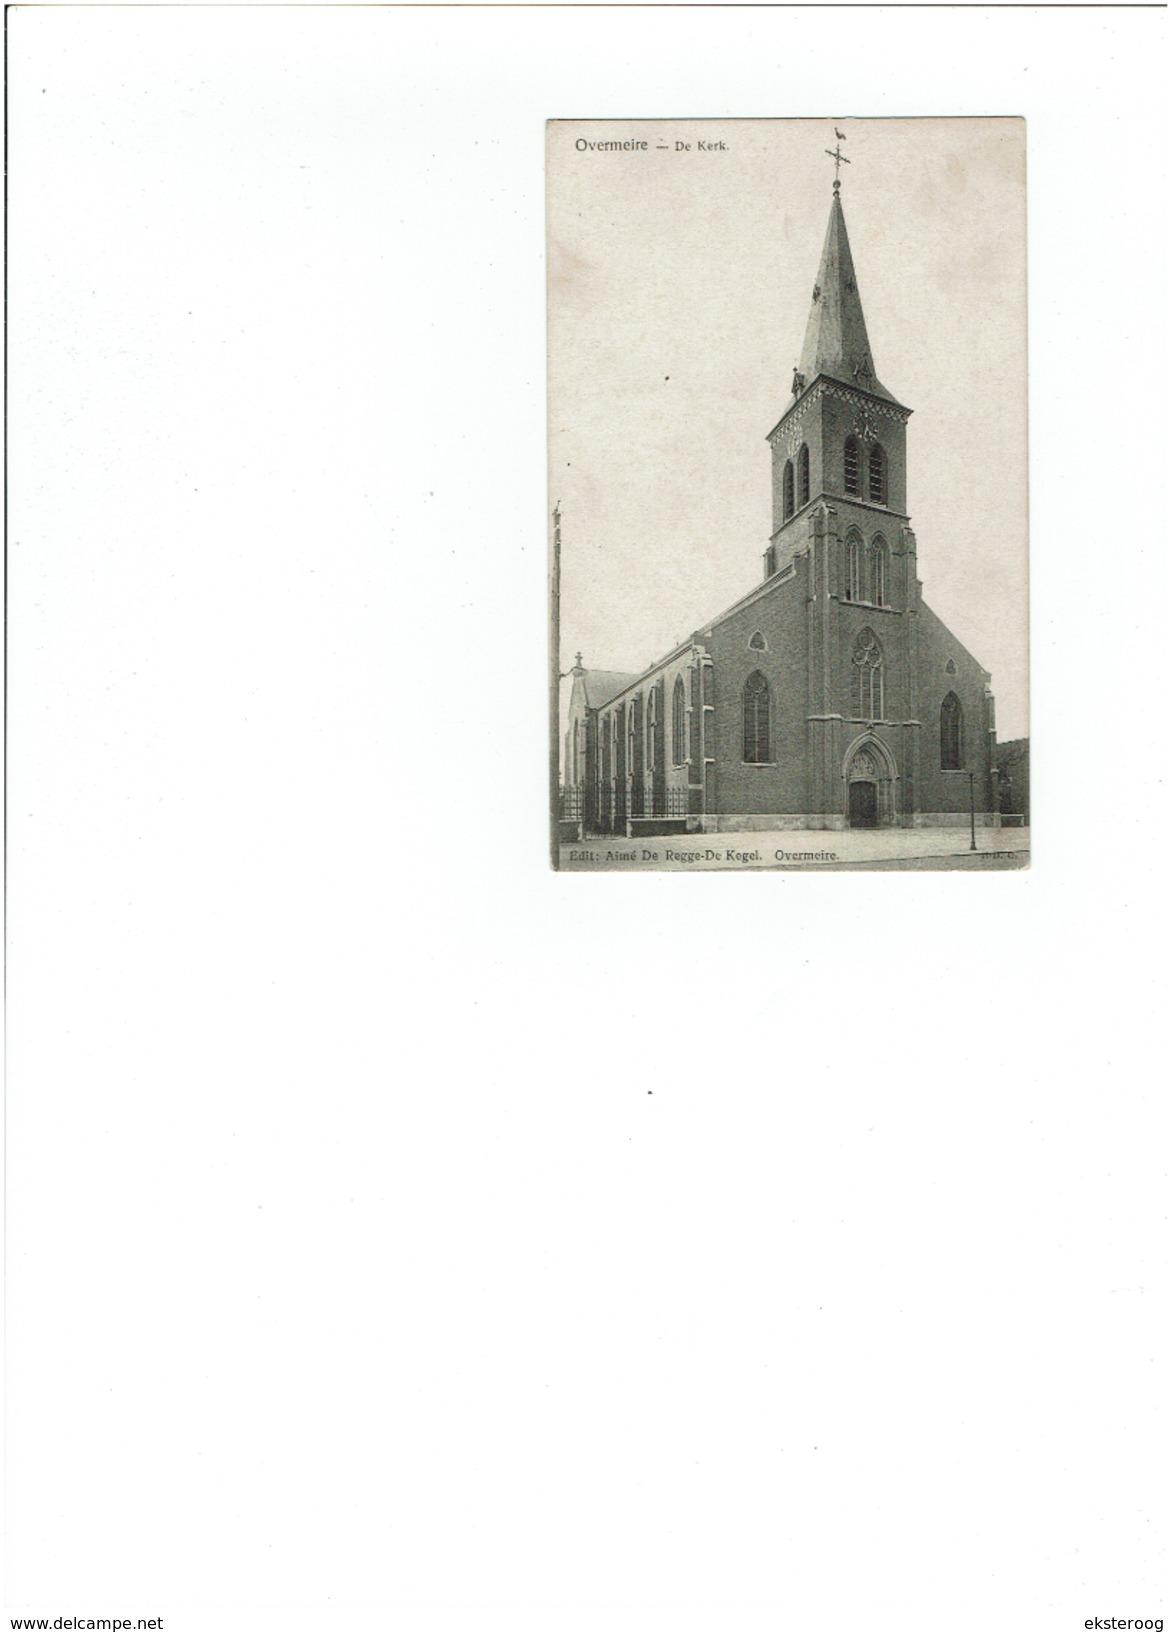 Overmeire - De Kerk - Berlare